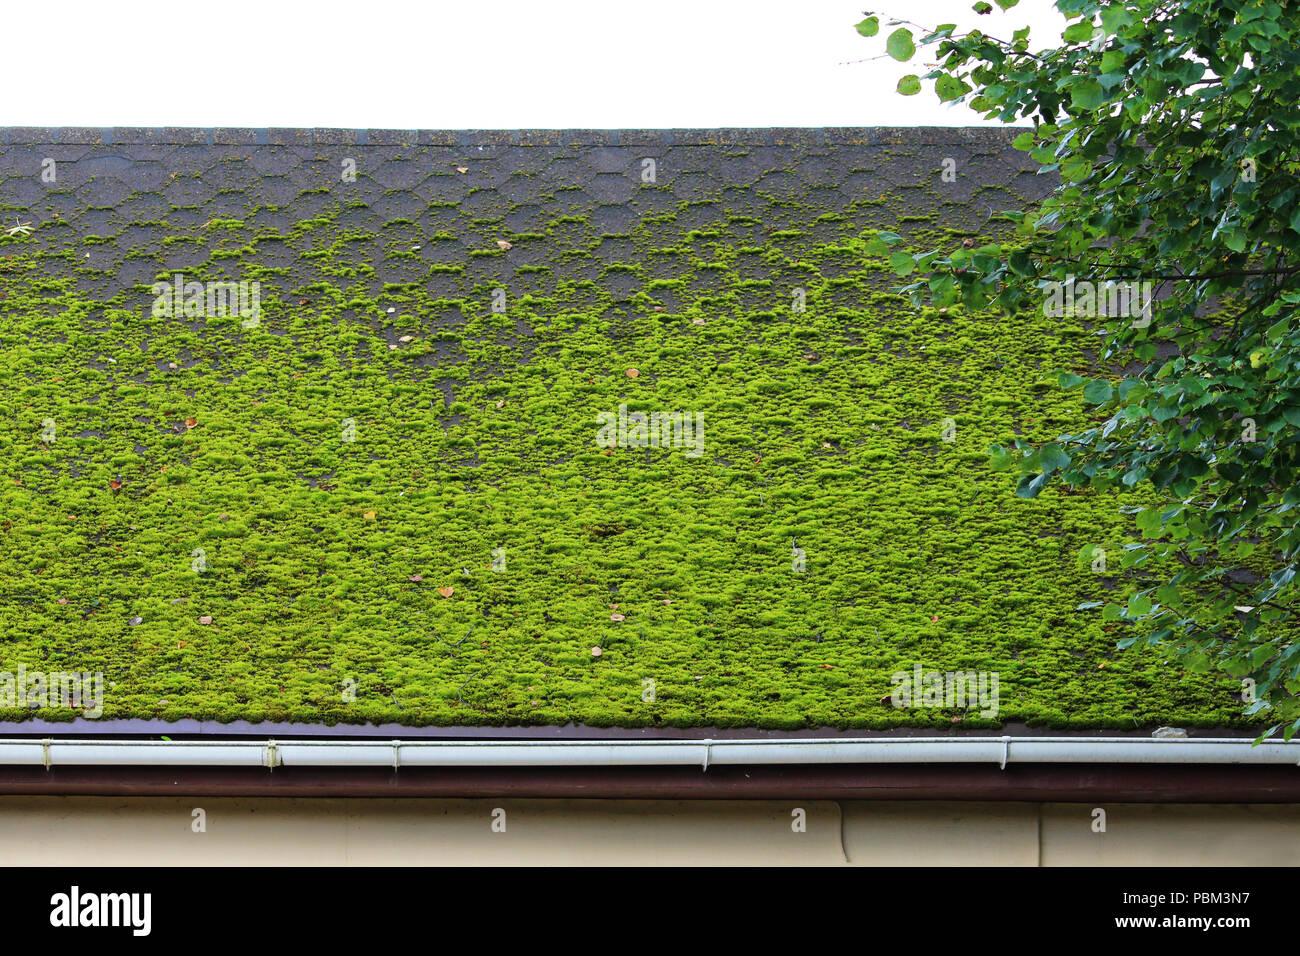 Brown piastrella flessibile sul tetto della casa splendidamente